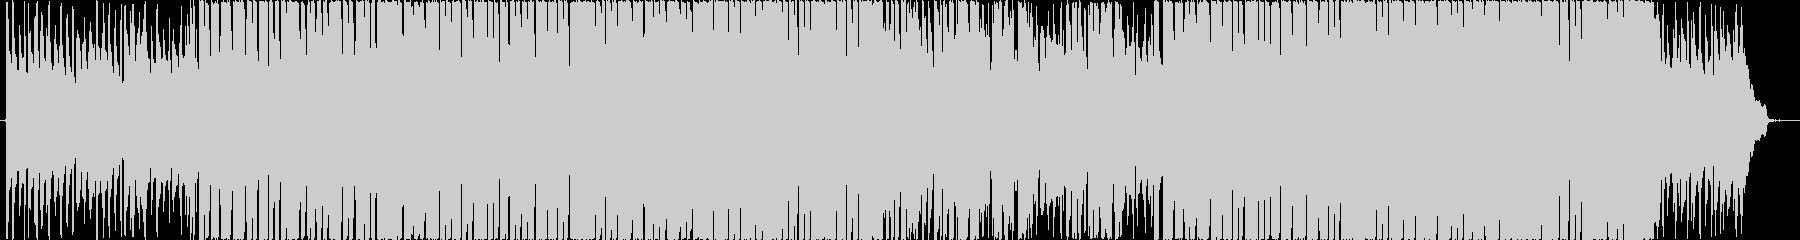 ウクレレの明るく楽しくなる曲の未再生の波形